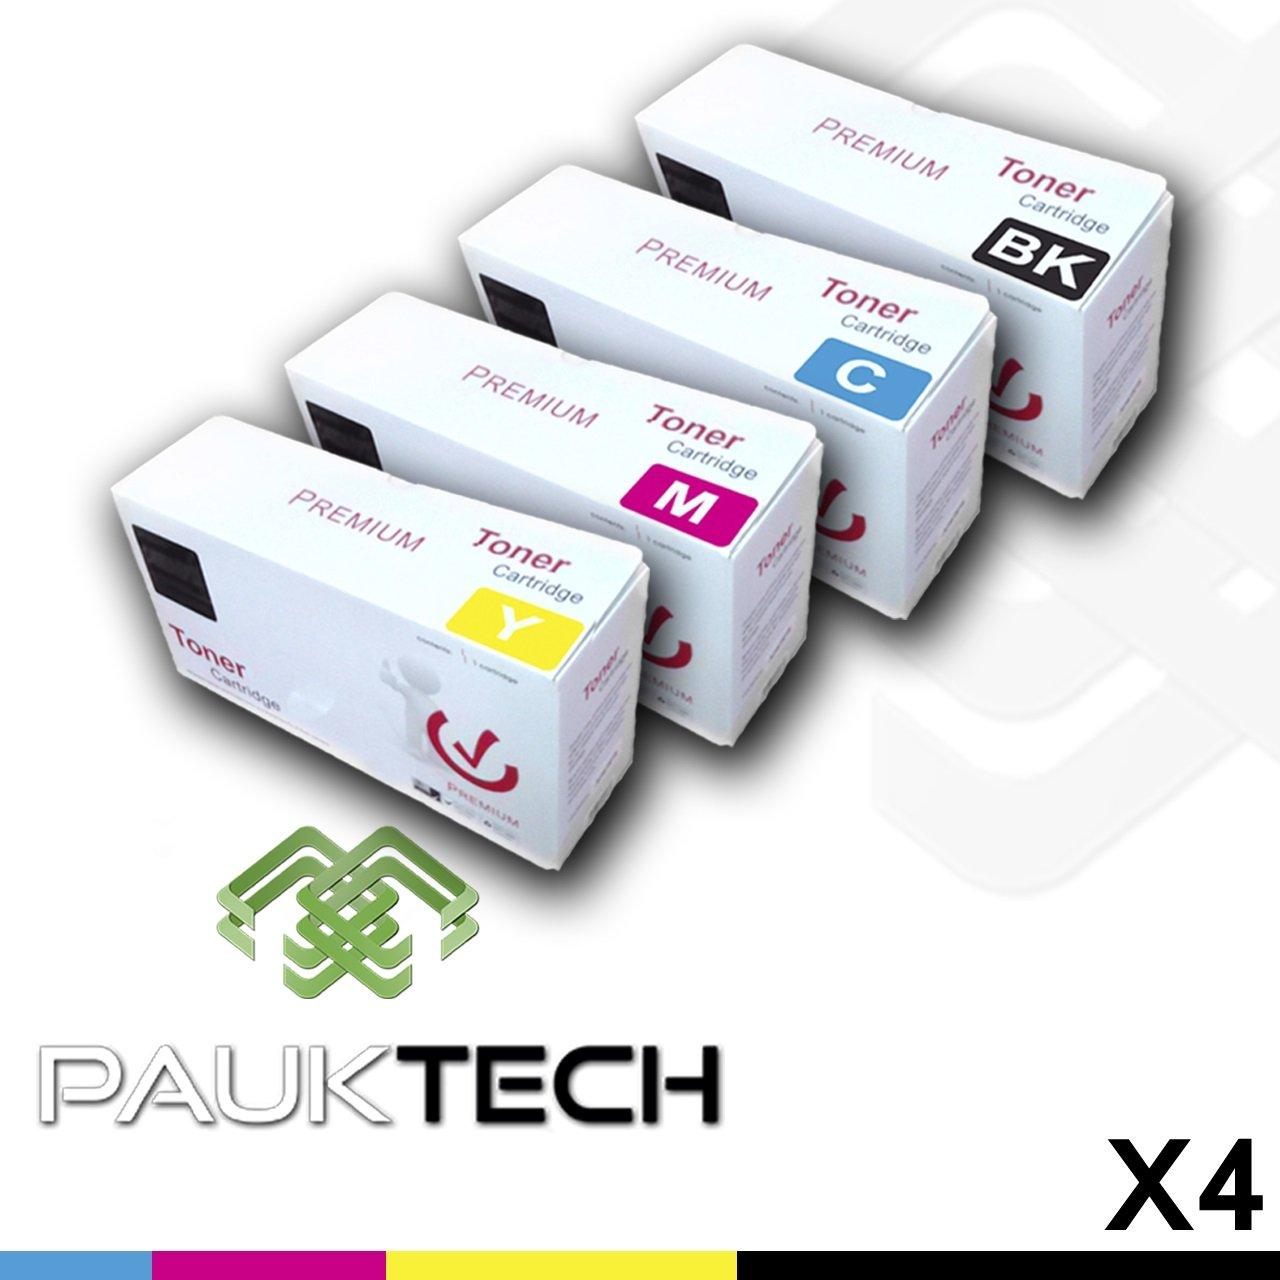 PAUKTECH - Pack 4 Cartuchos de Toner Laser compatibles Multicolor ...